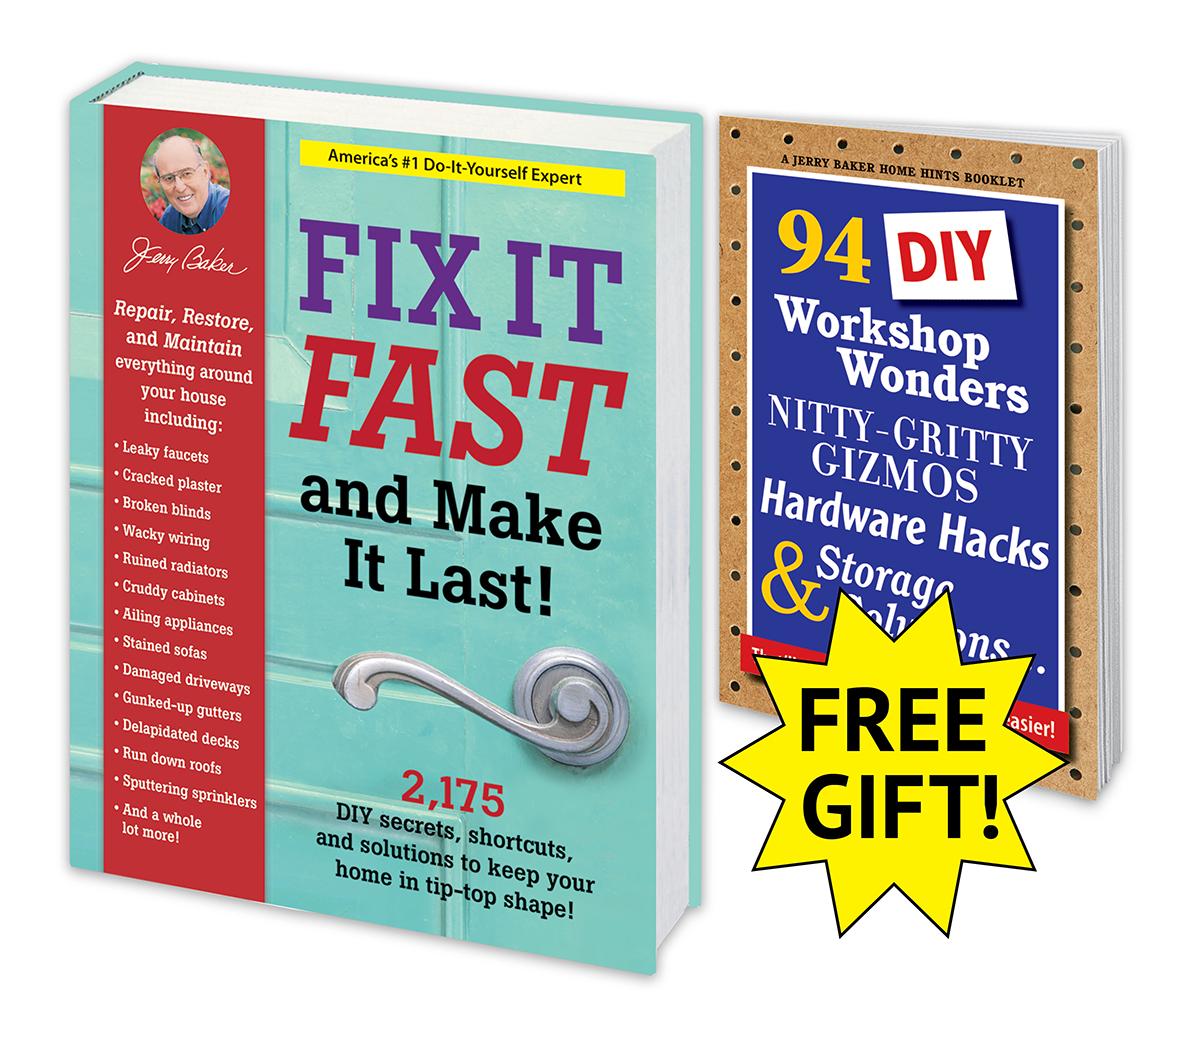 Fix It Fast and Make It Last